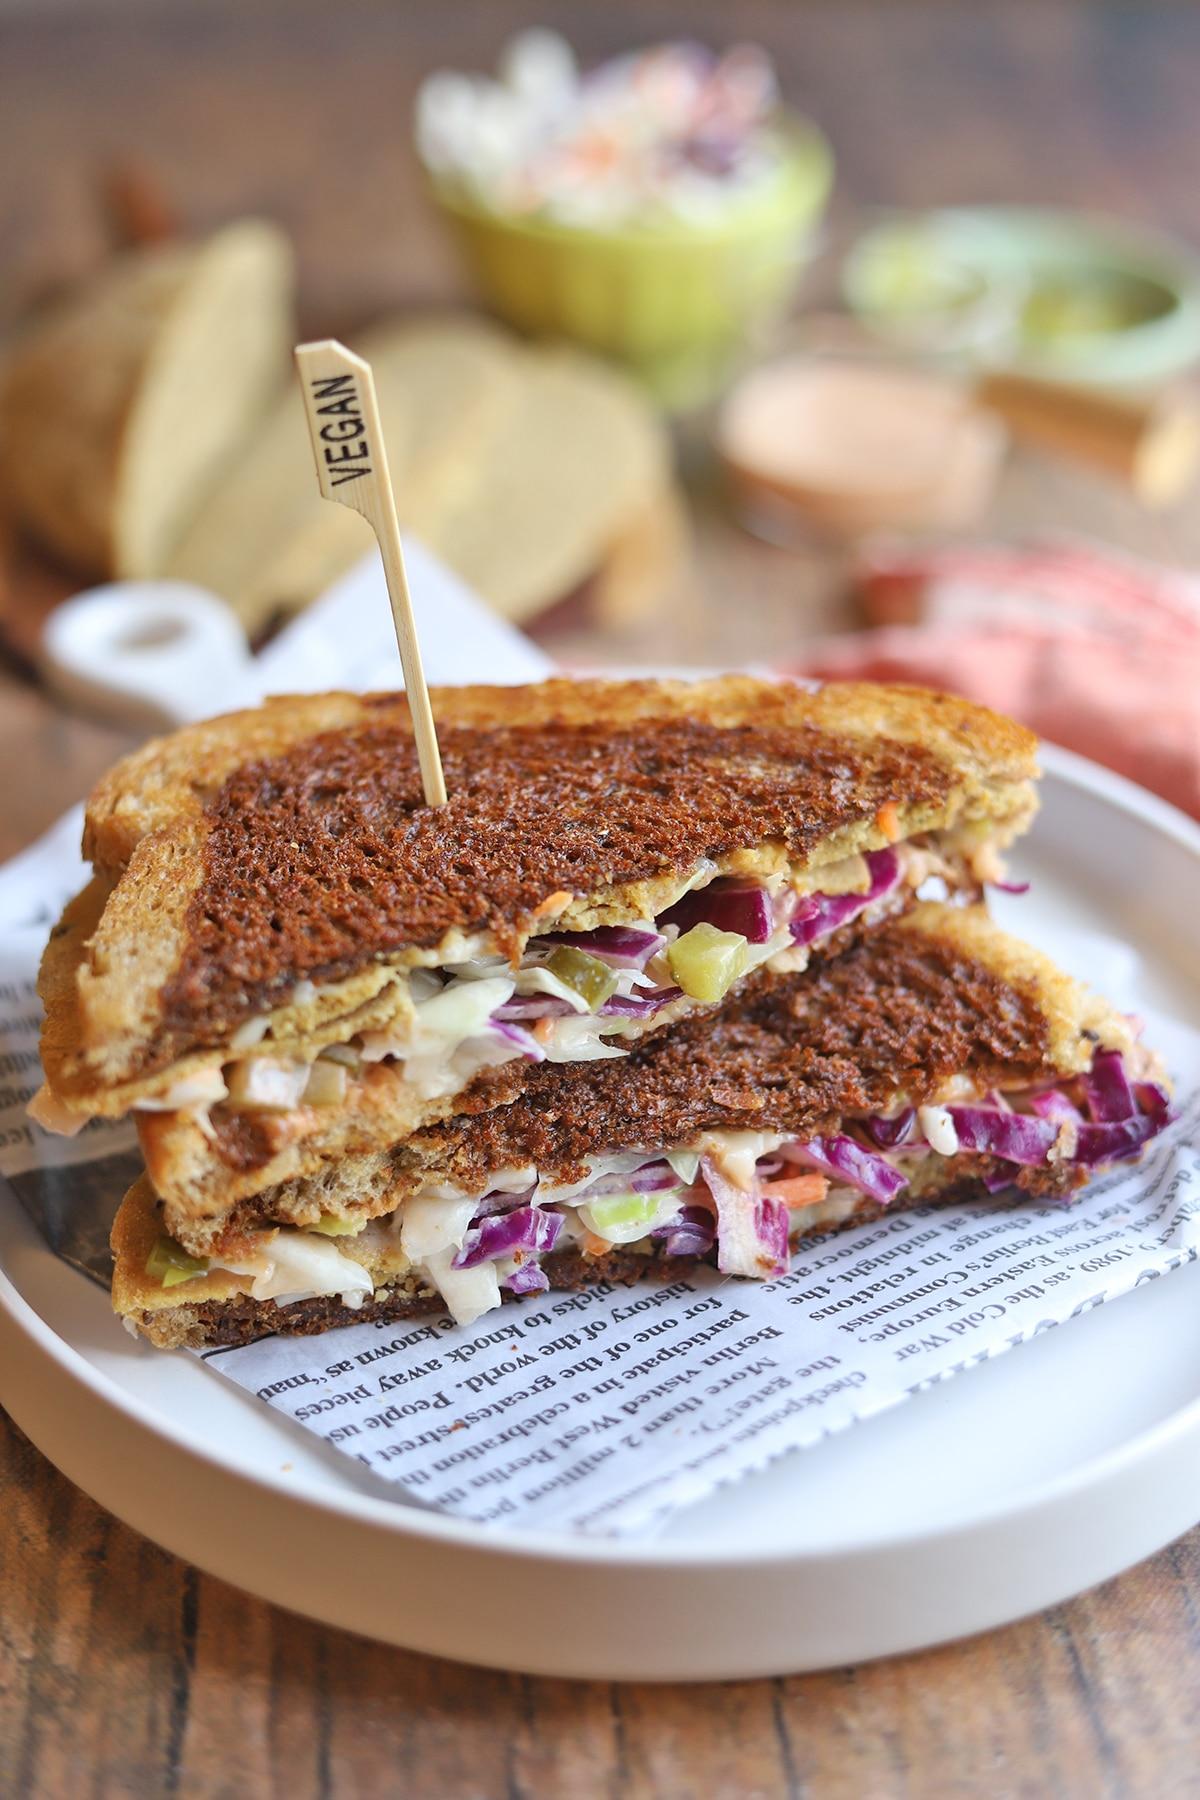 Sliced toasted Rachel sandwich on plate.